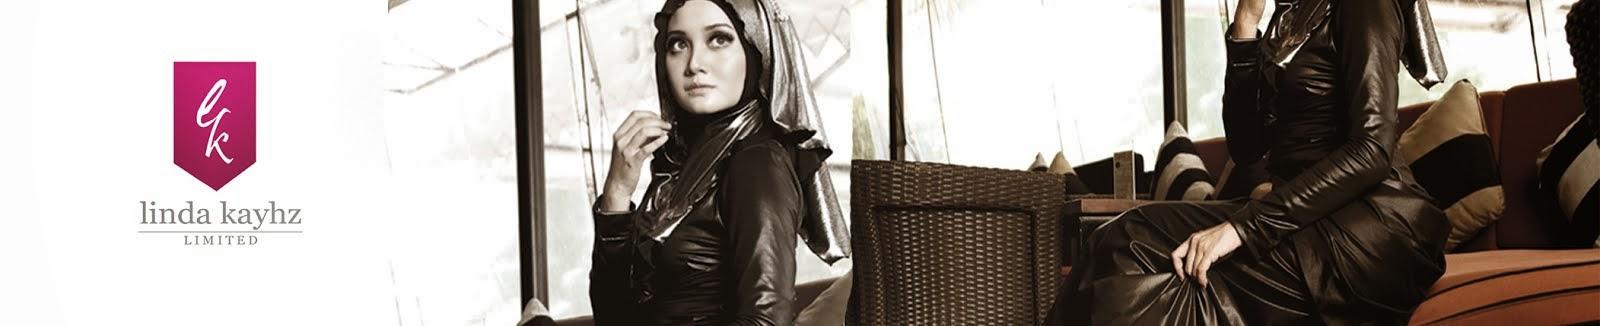 Hijab Fashion, Hijab Style, Jual Hijab - Hijabs Corner